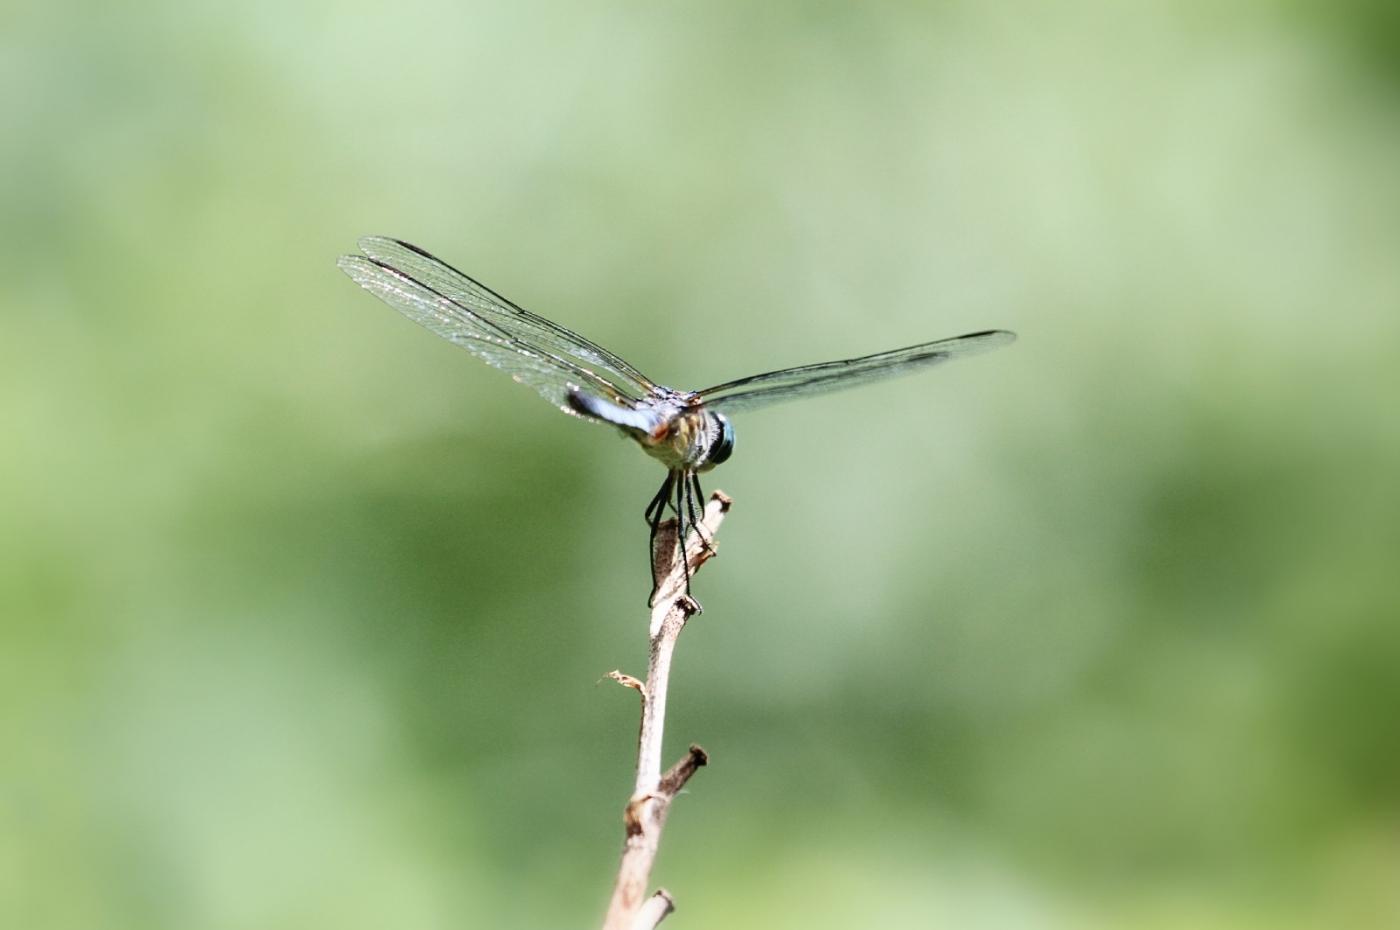 【田螺摄影】院子里的蜻蜓_图1-9